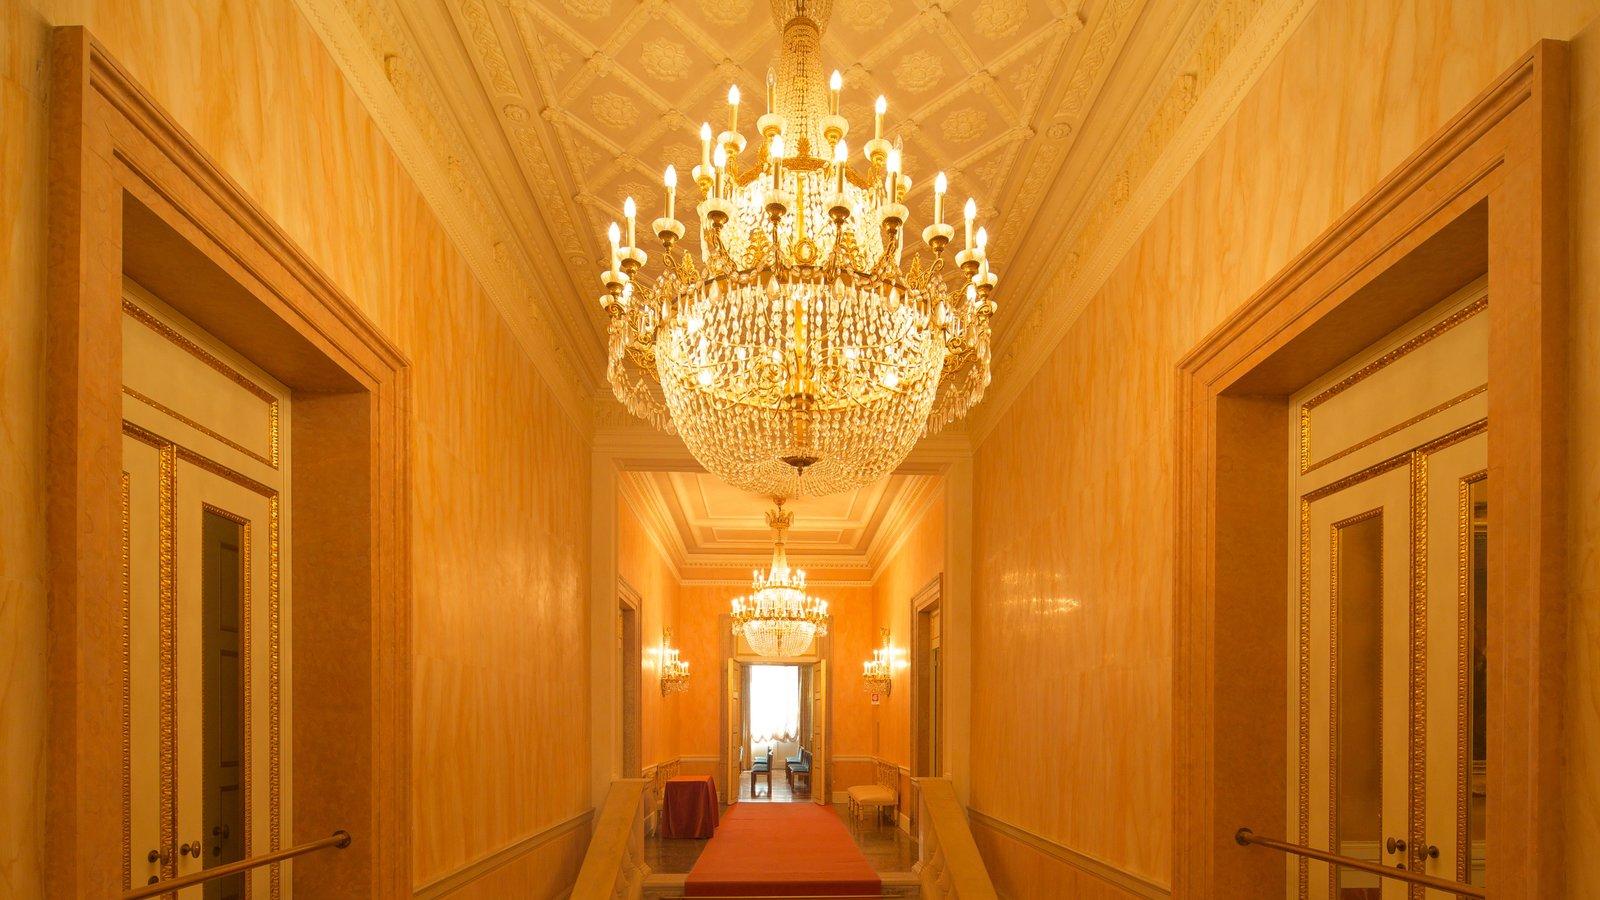 La Fenice Opera House featuring interior views and theatre scenes